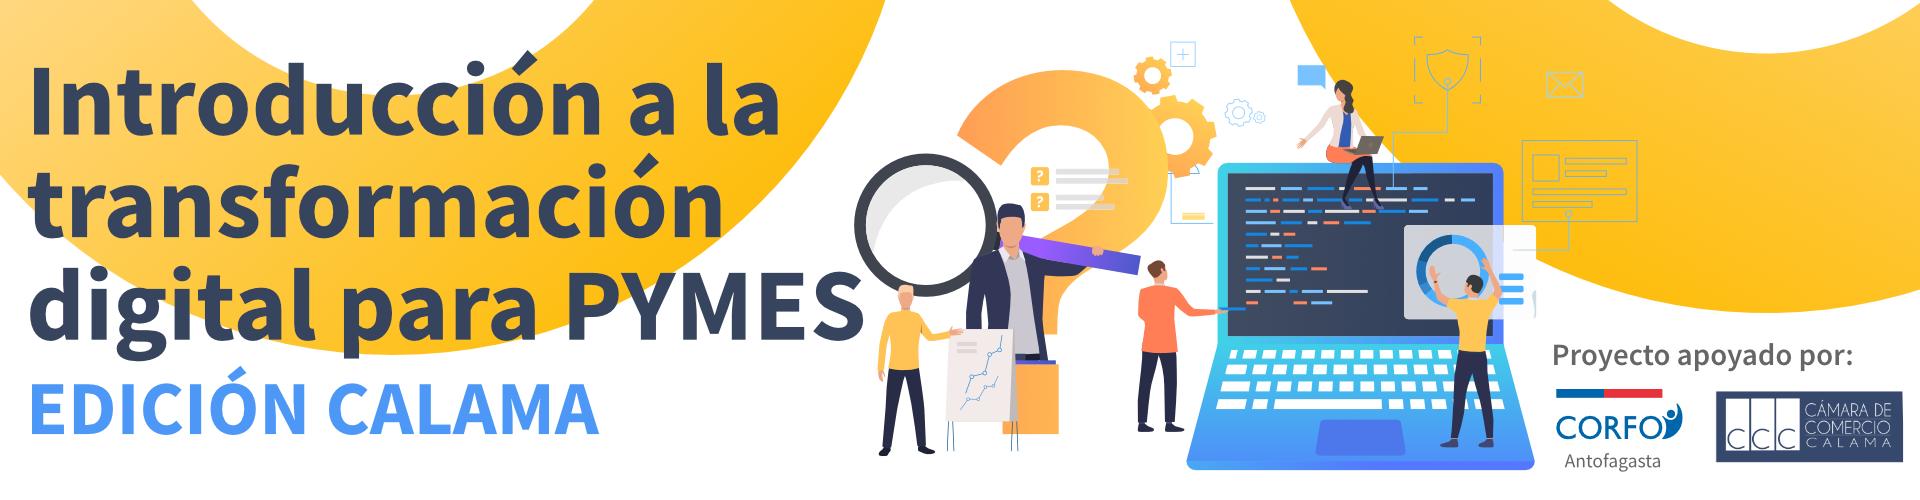 Introducción a la Transformación Digital para PYMES - Edición Calama